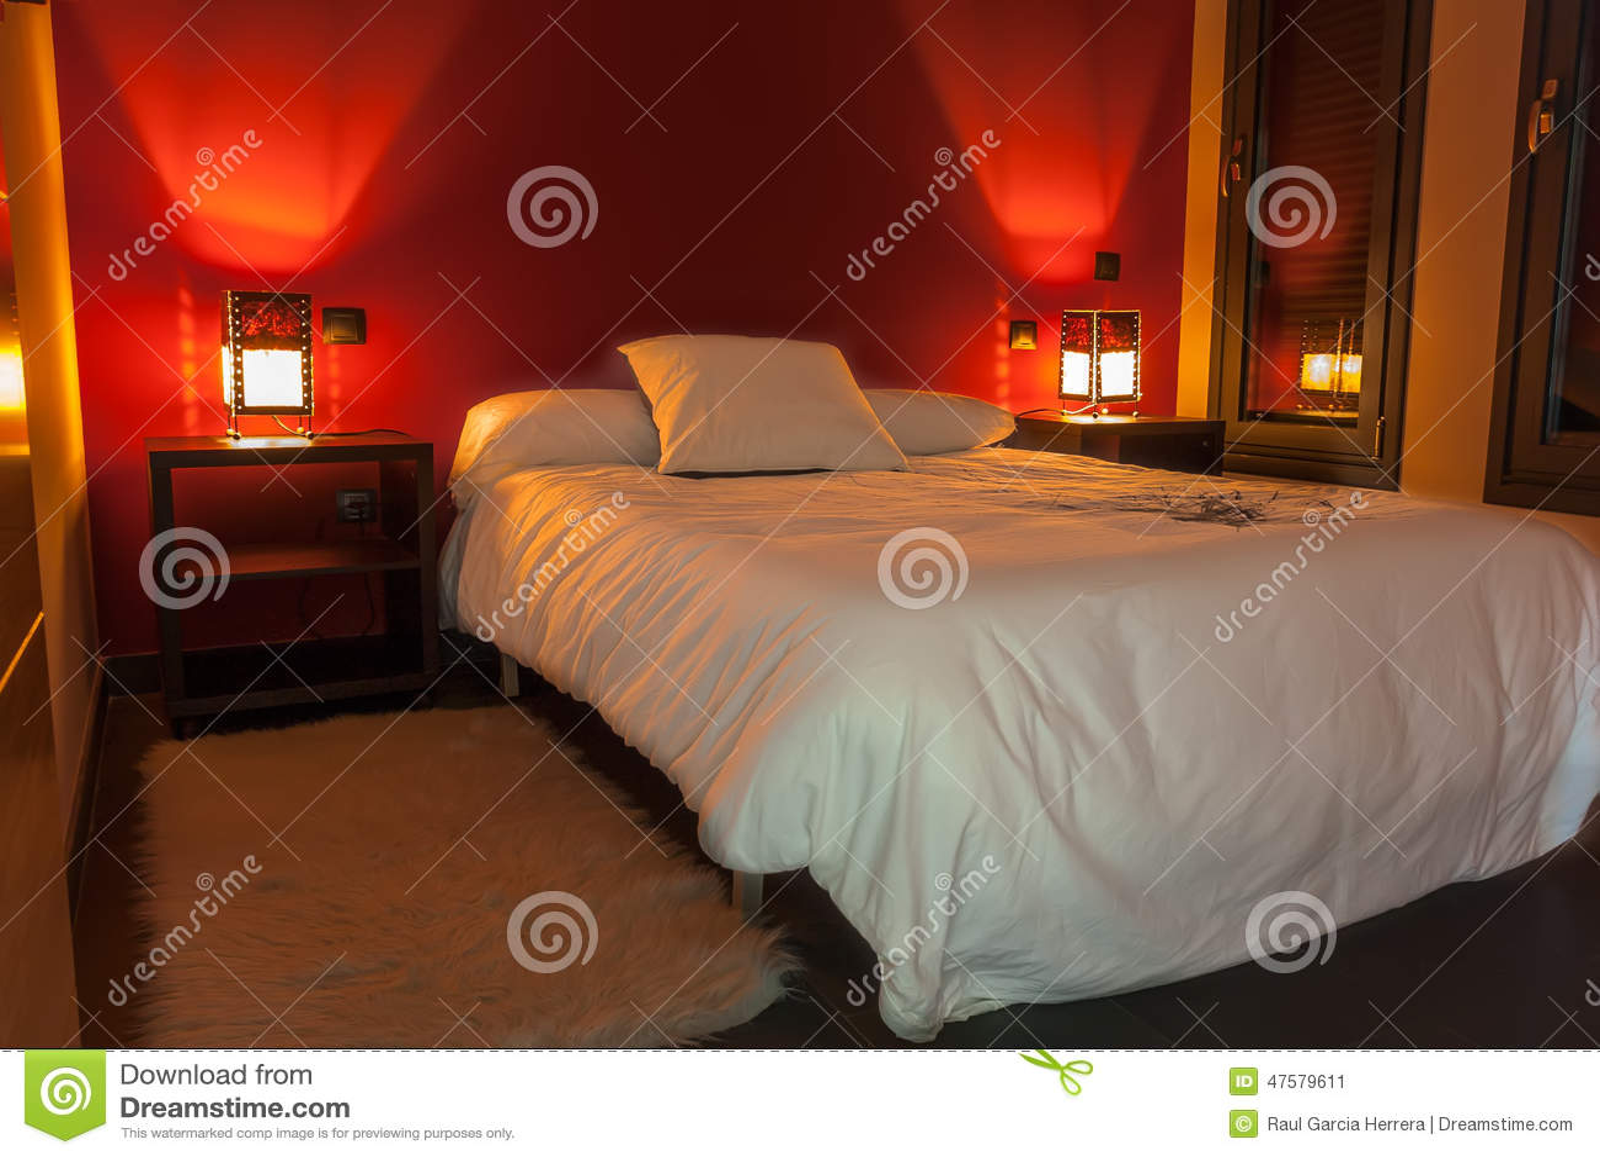 Chambre A Coucher Rouge Et Gris